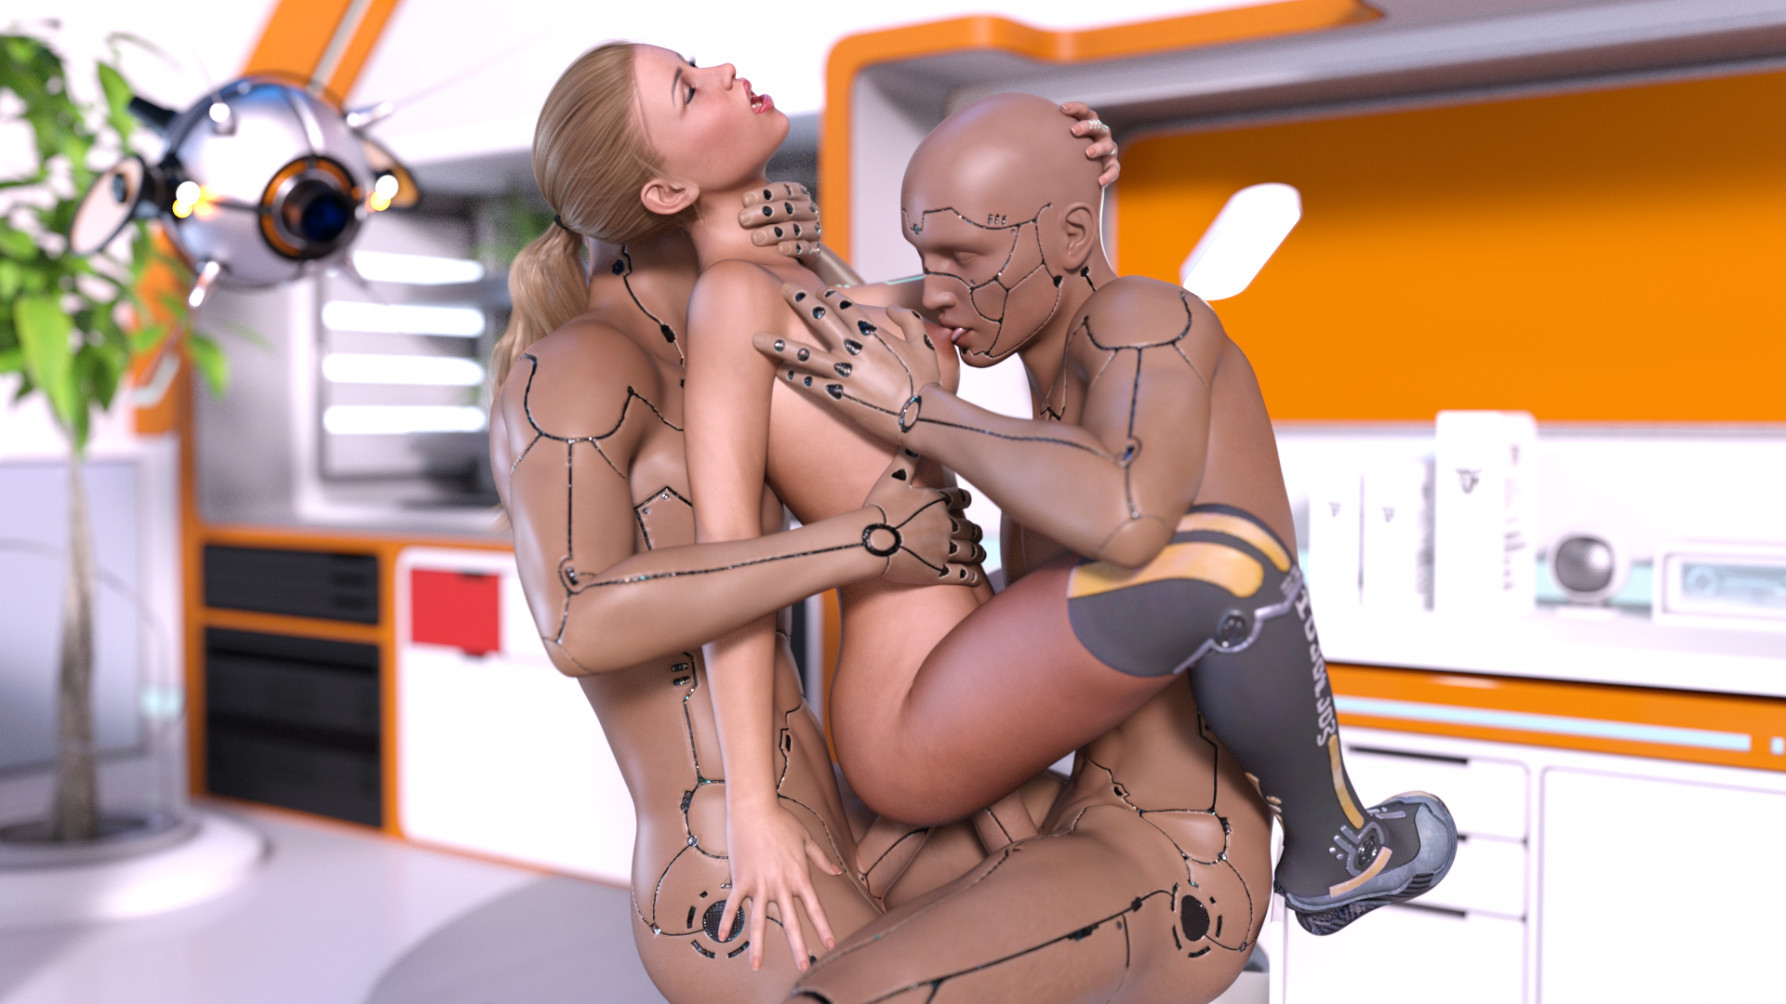 с роботом трахается видео девушка